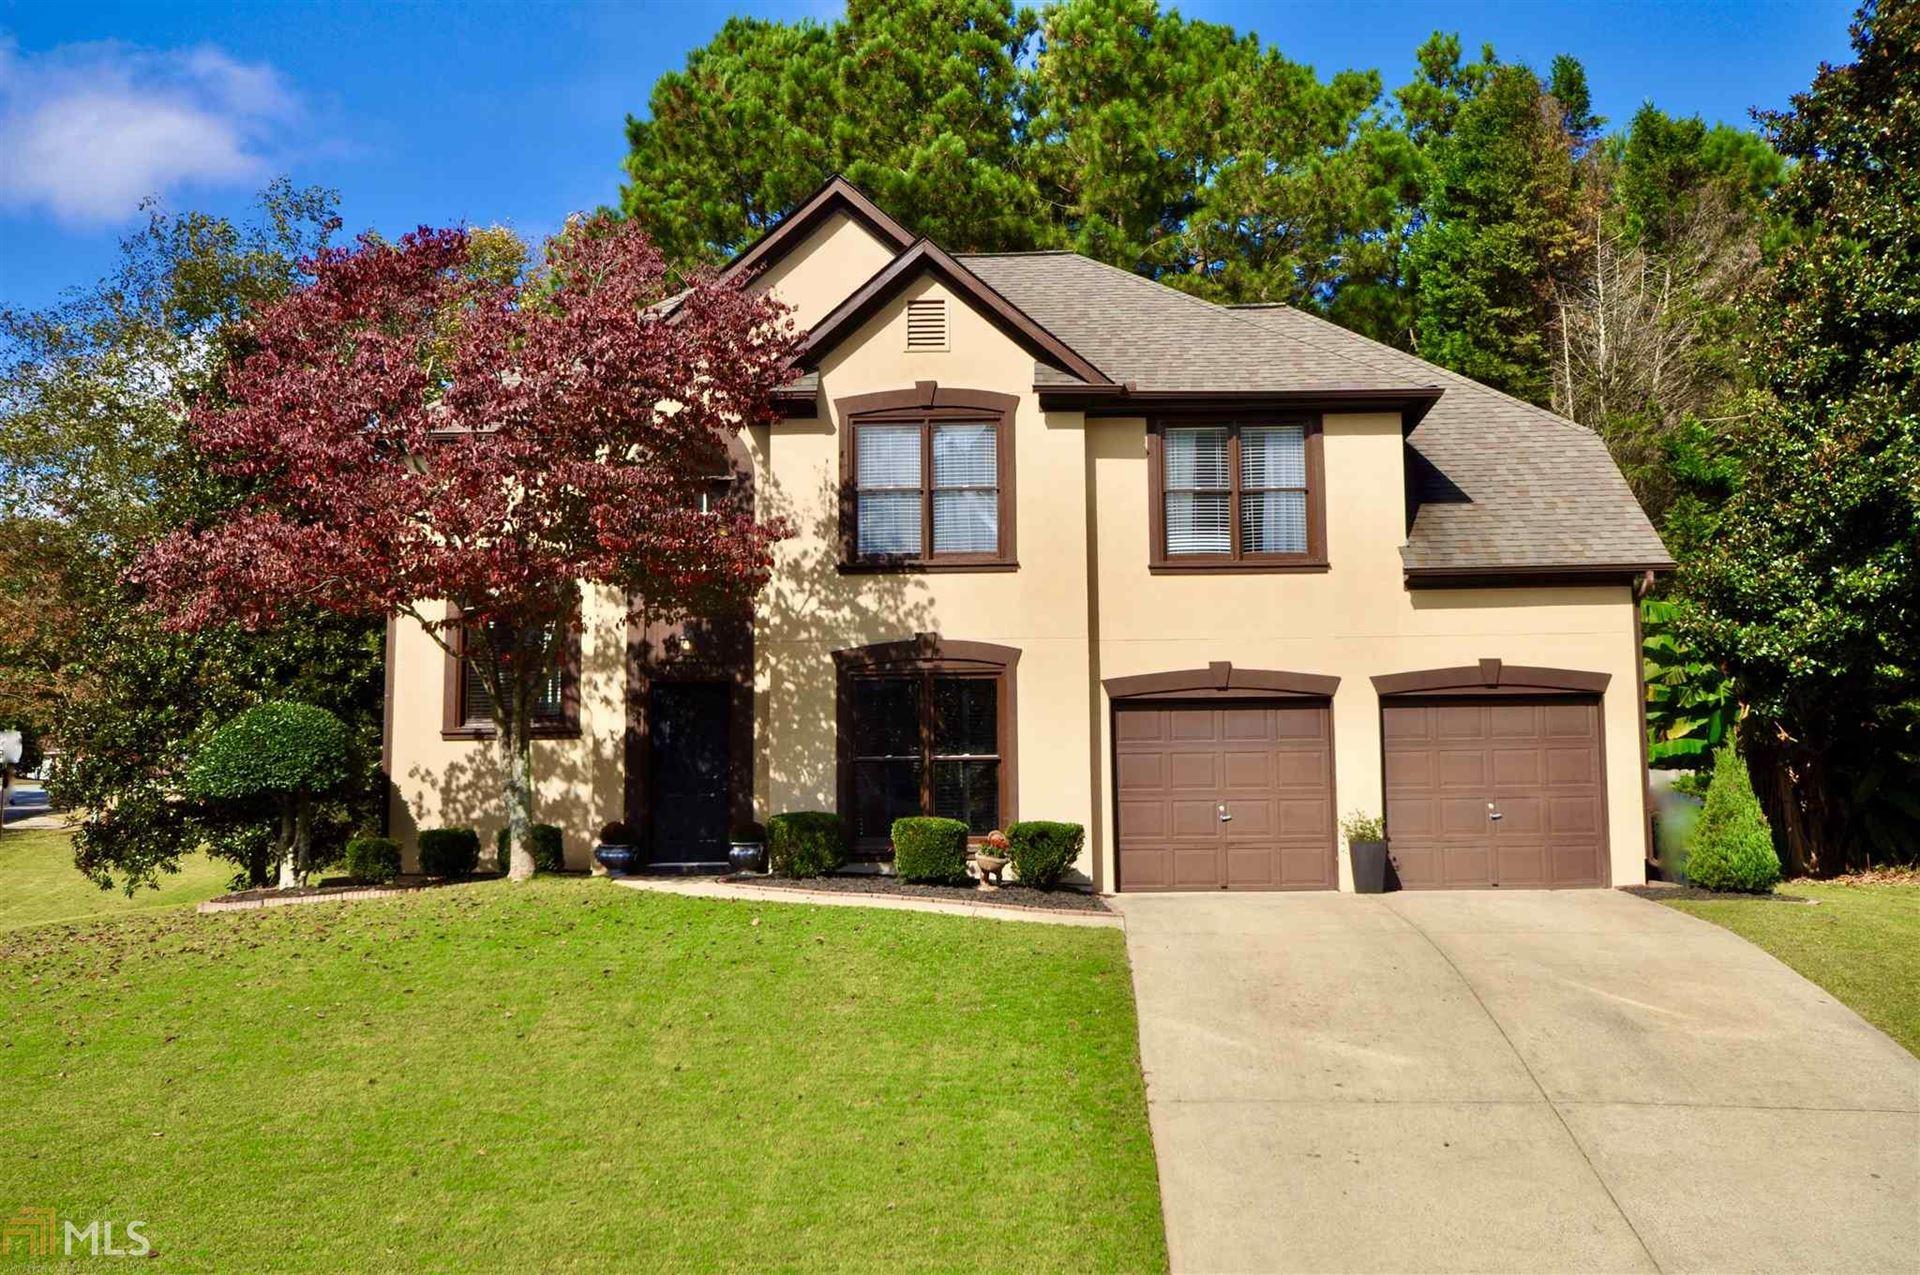 1029 Deer Holw, Woodstock, GA 30189 - MLS#: 8878297